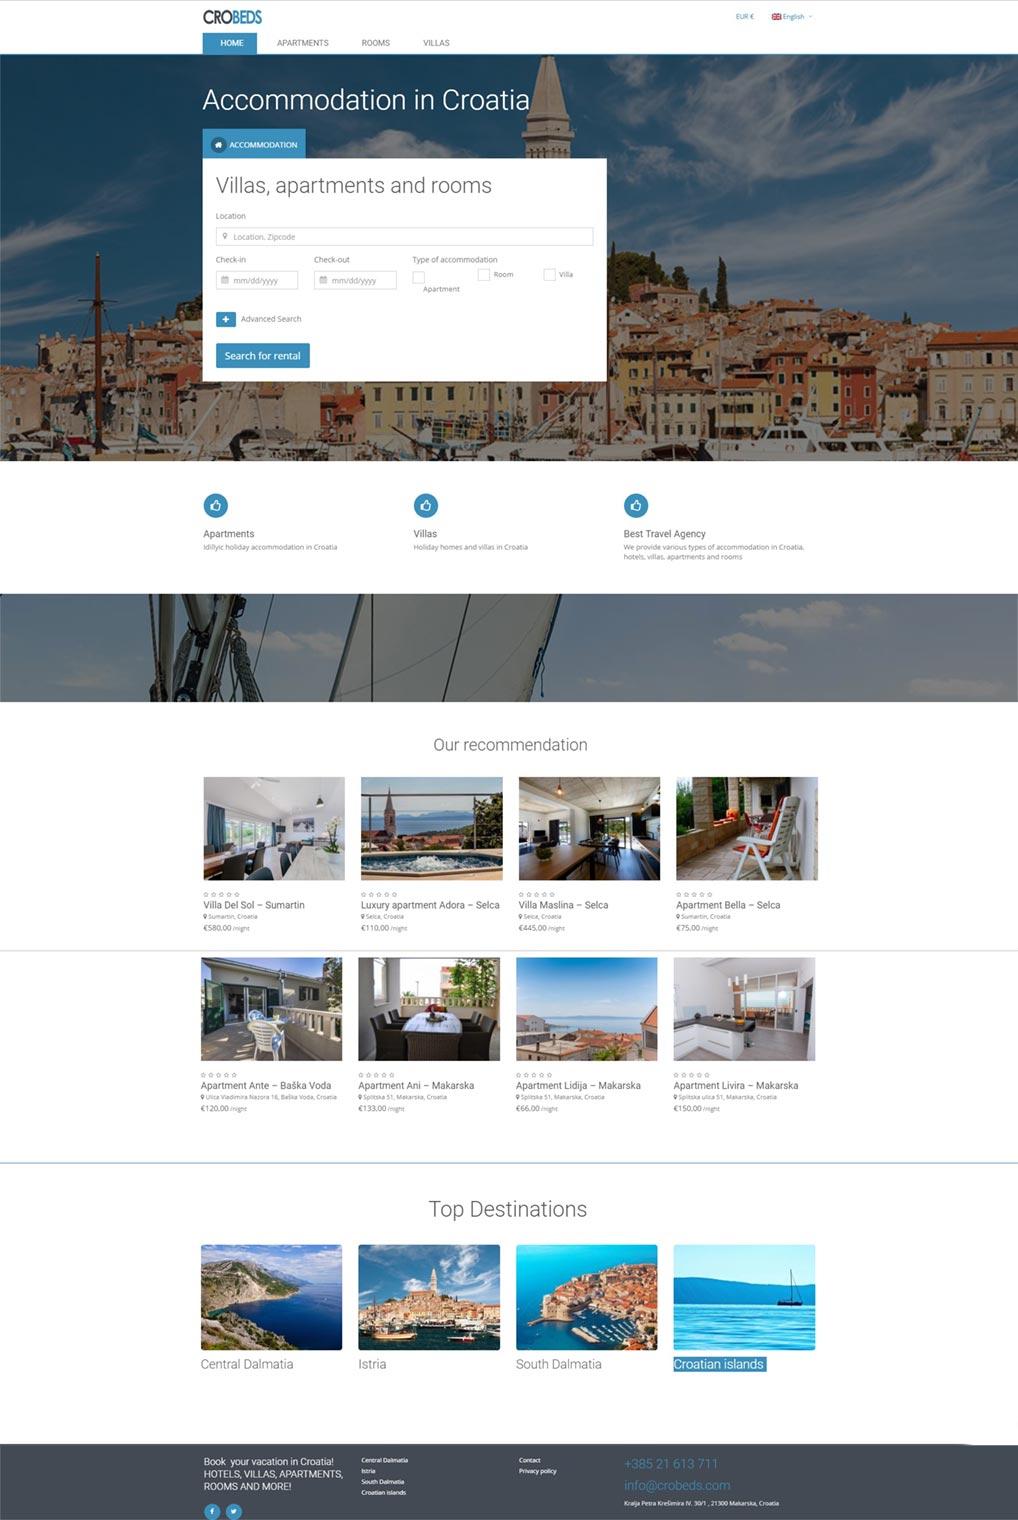 Luketina.com portfolio turistička agencija Crobeds